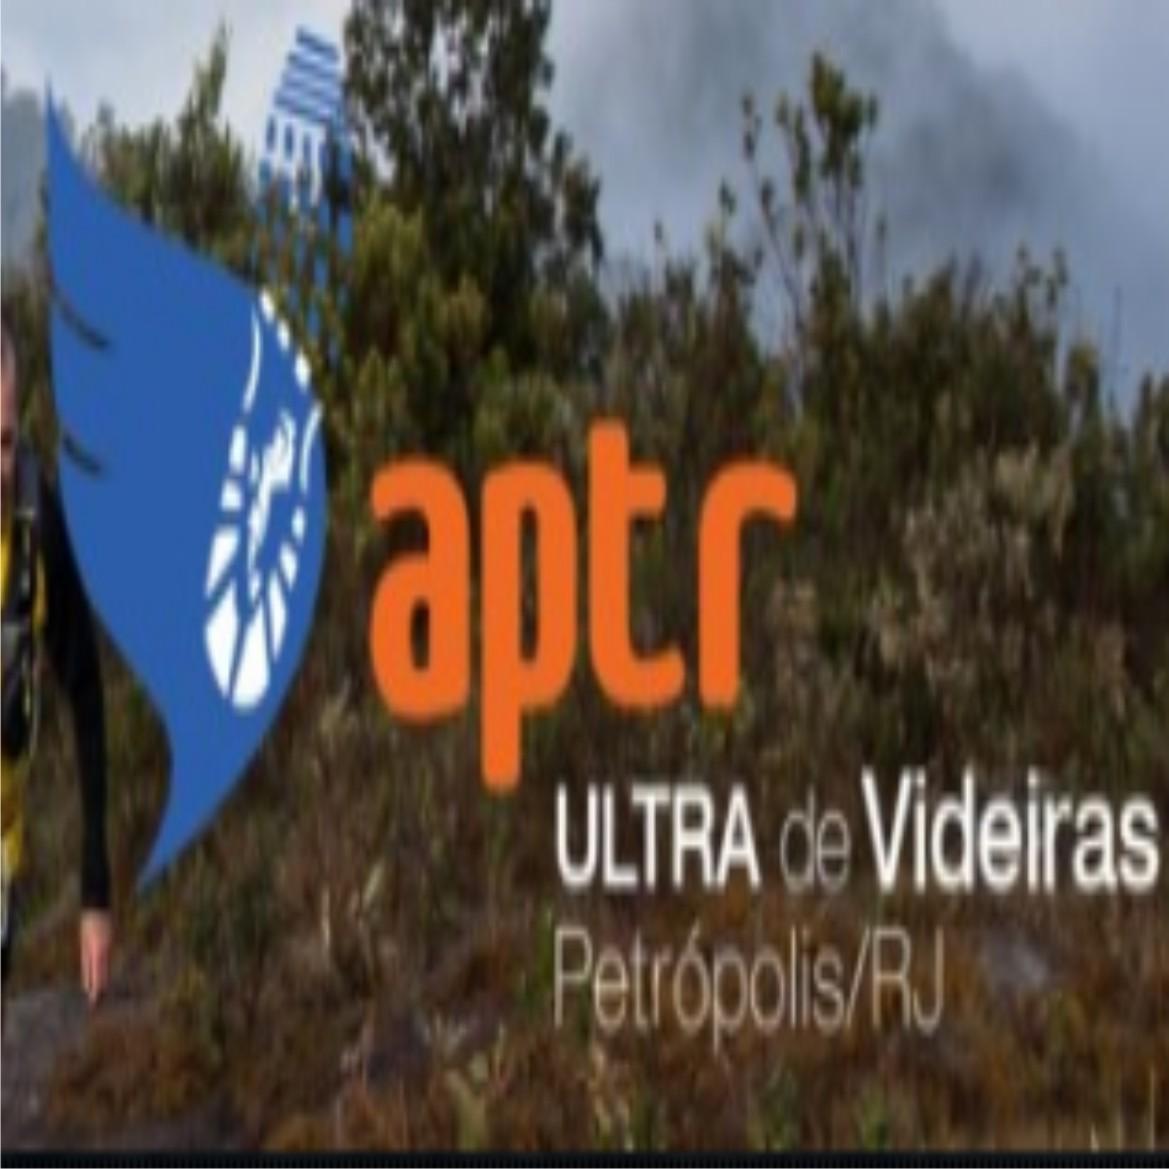 APTR ULTRA DE VIDEIRAS 2017